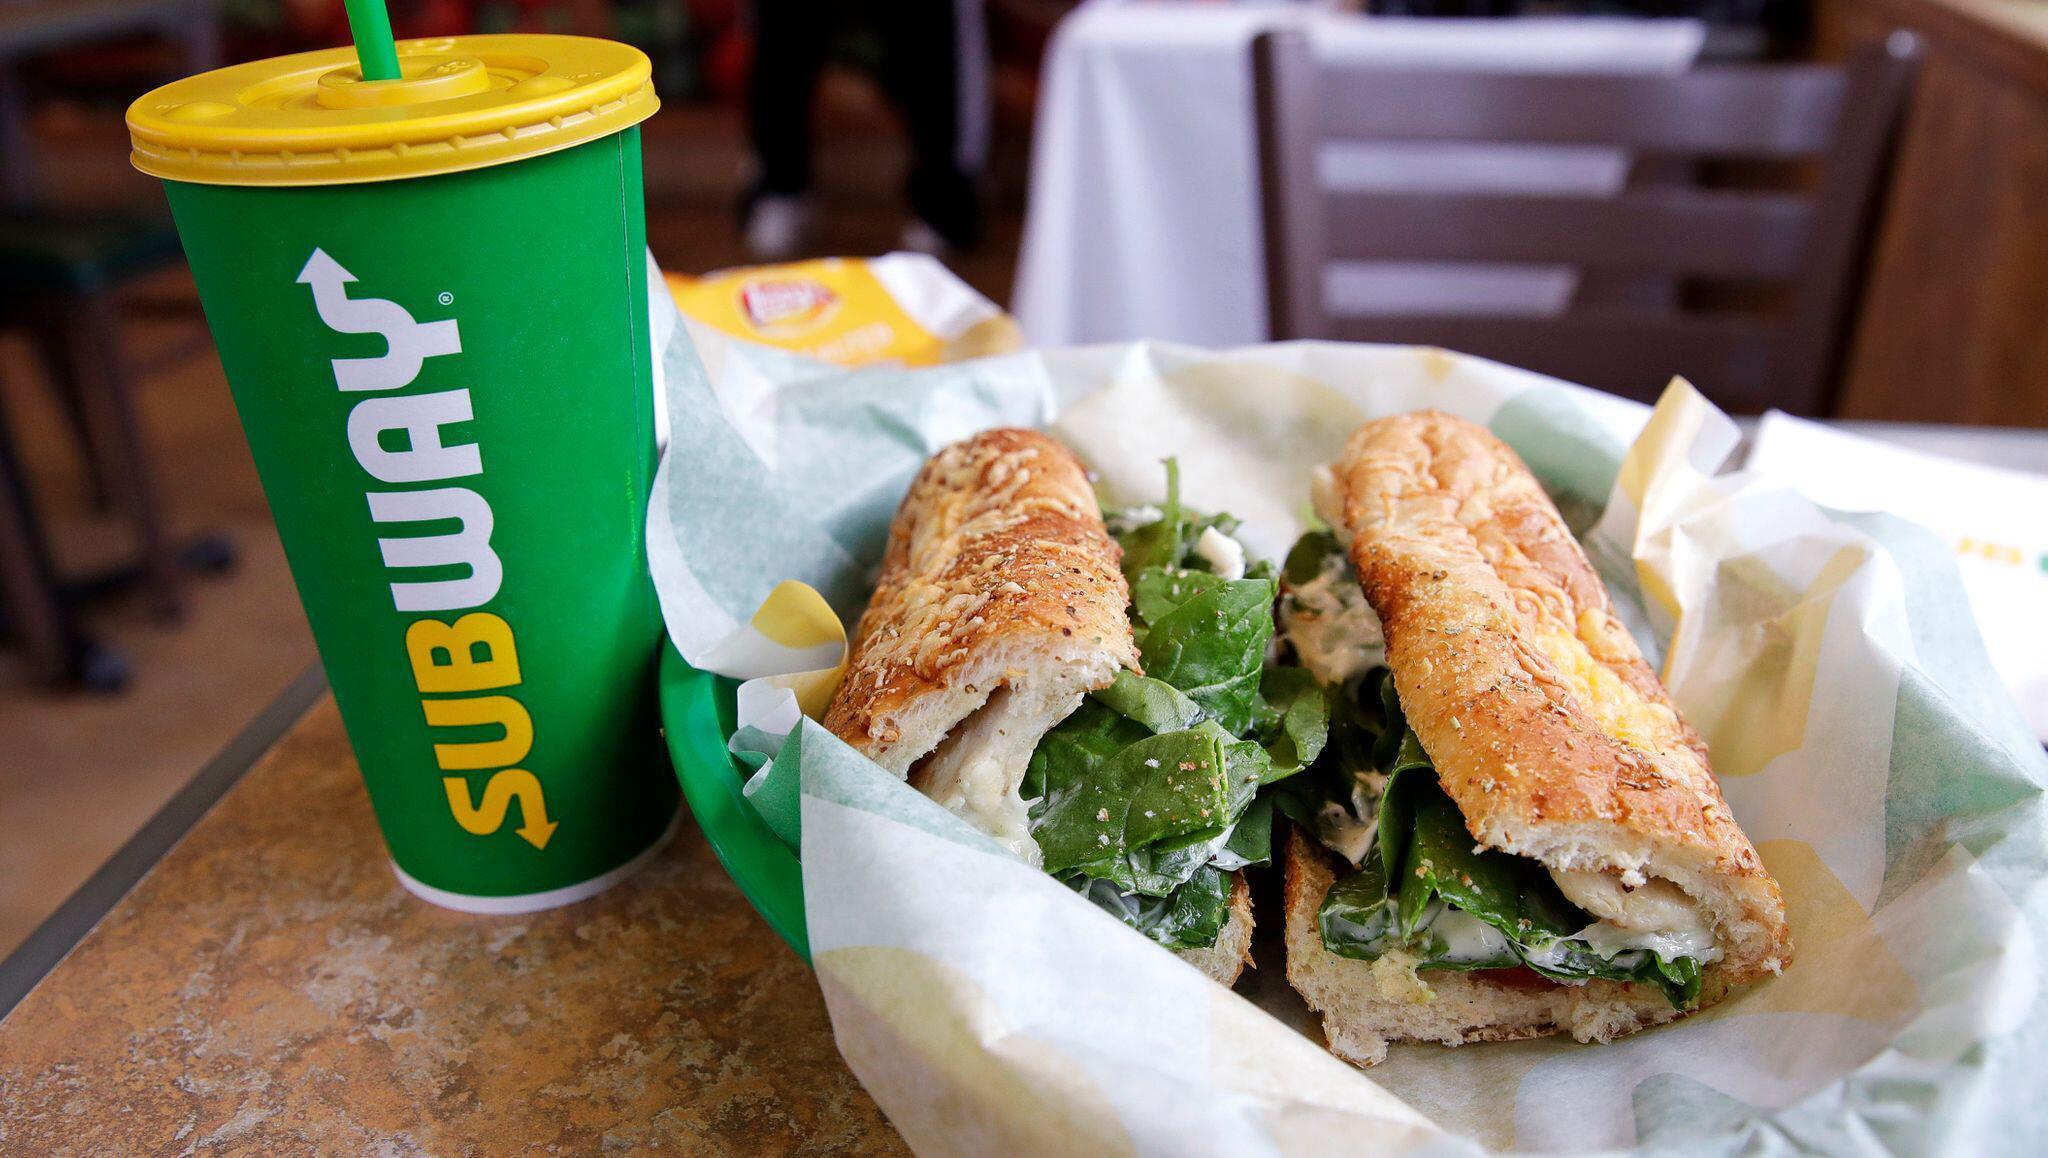 Bild zu Subway-Brot